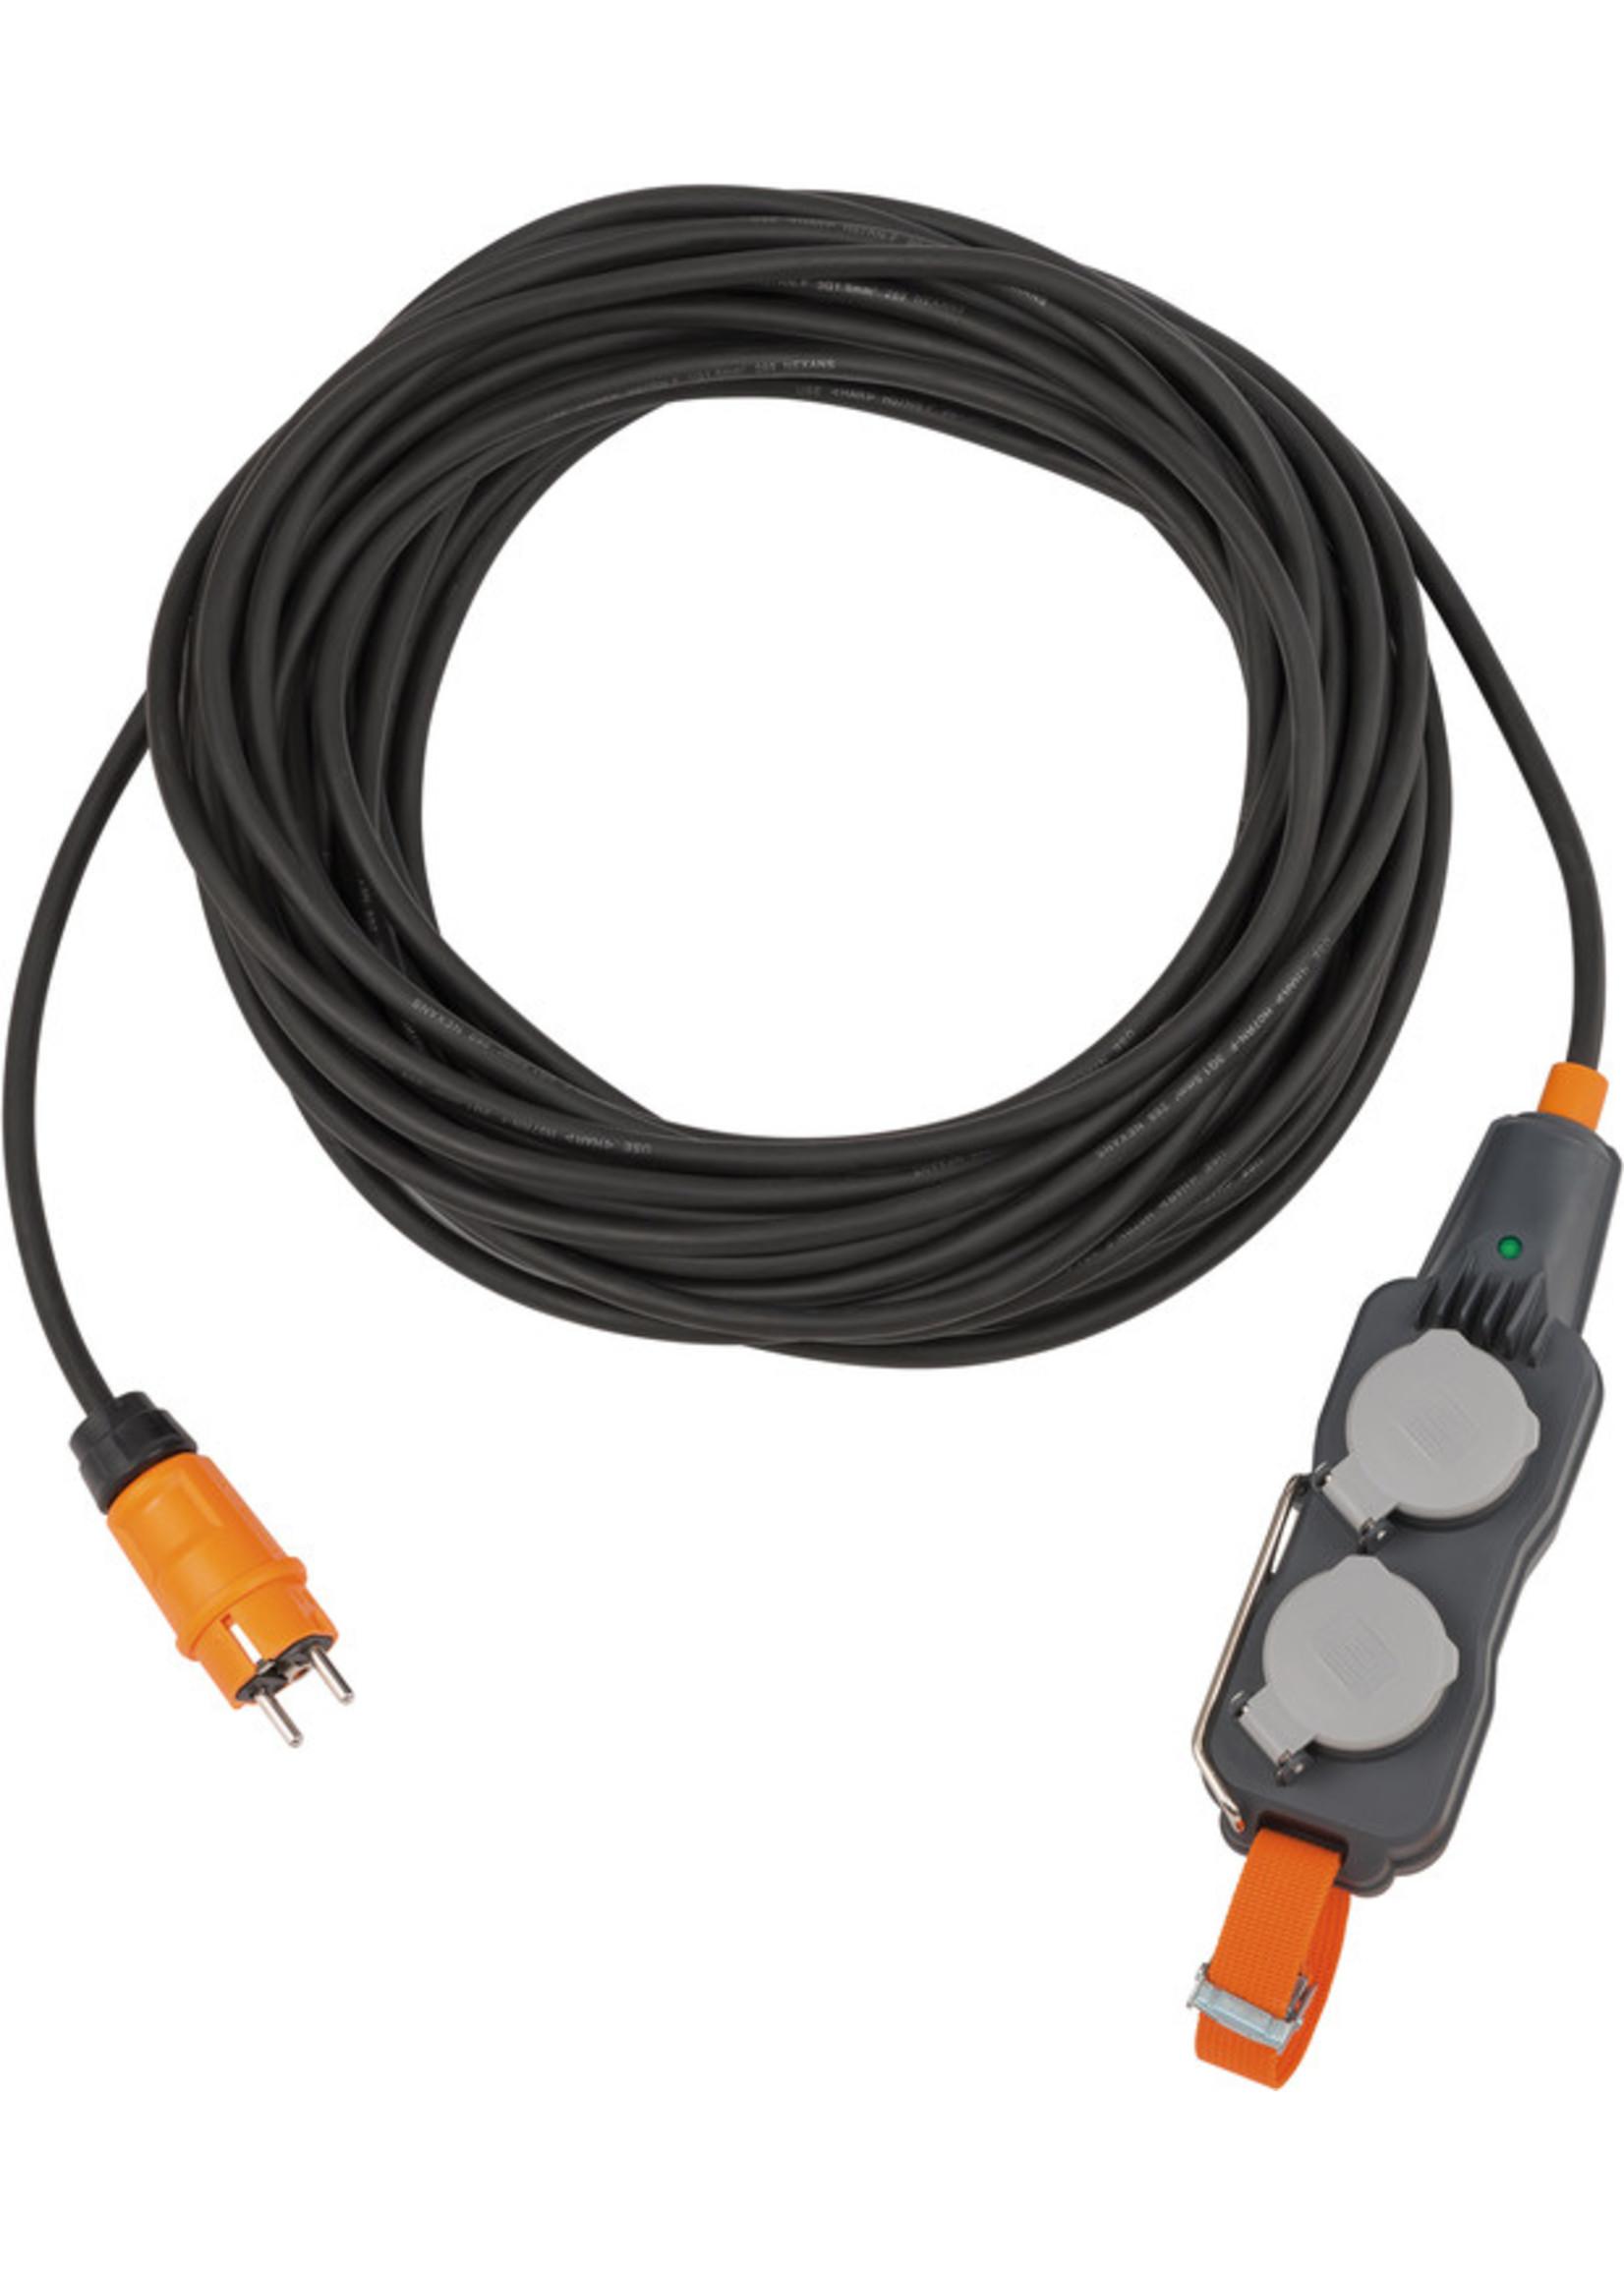 Brennenstuhl Brennenstuhl ProfessionalLINE 9161150160 Powerblock met verlengkabel - 4x - IP54 - H07RN-F3G1.5 - 15m - Zwart